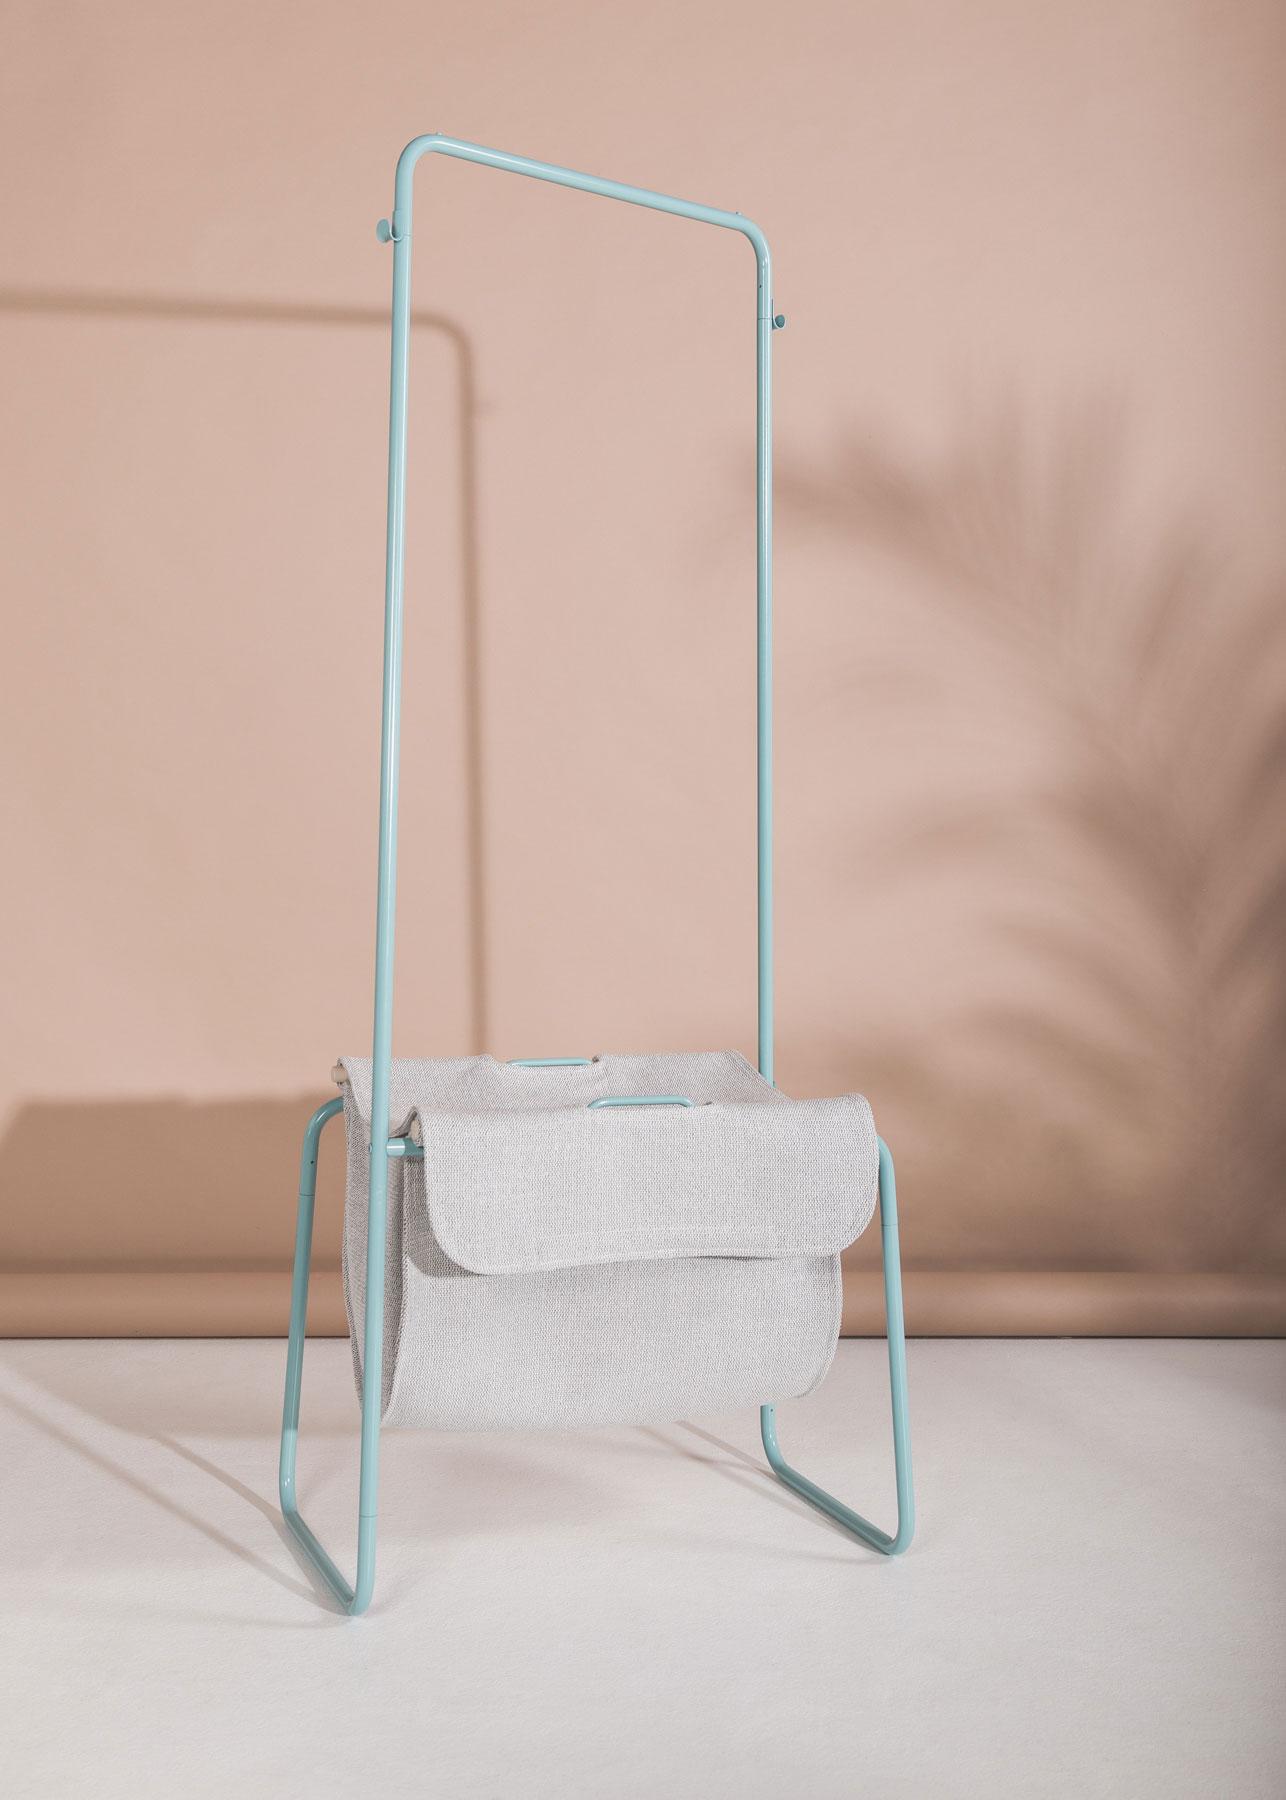 kvan-clothes-rack-01